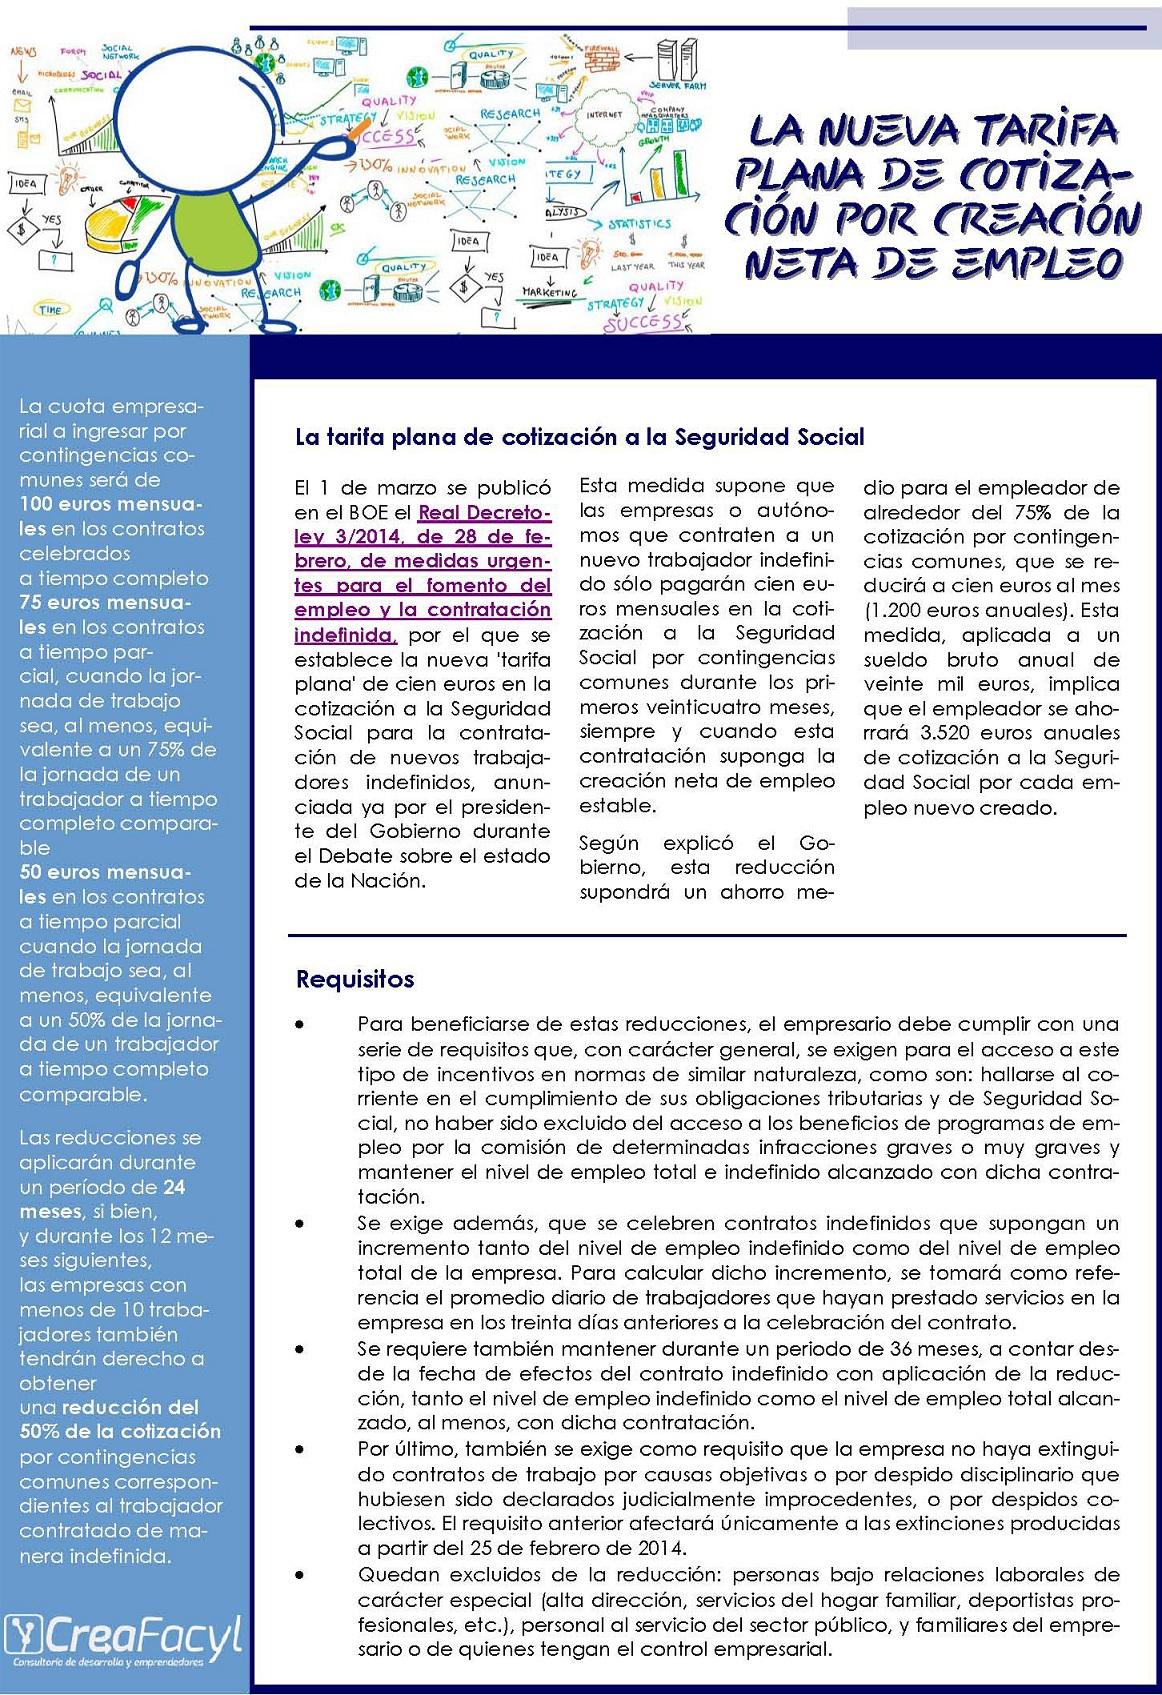 La nueva tarifa plana de cotización por creación neta de empleo